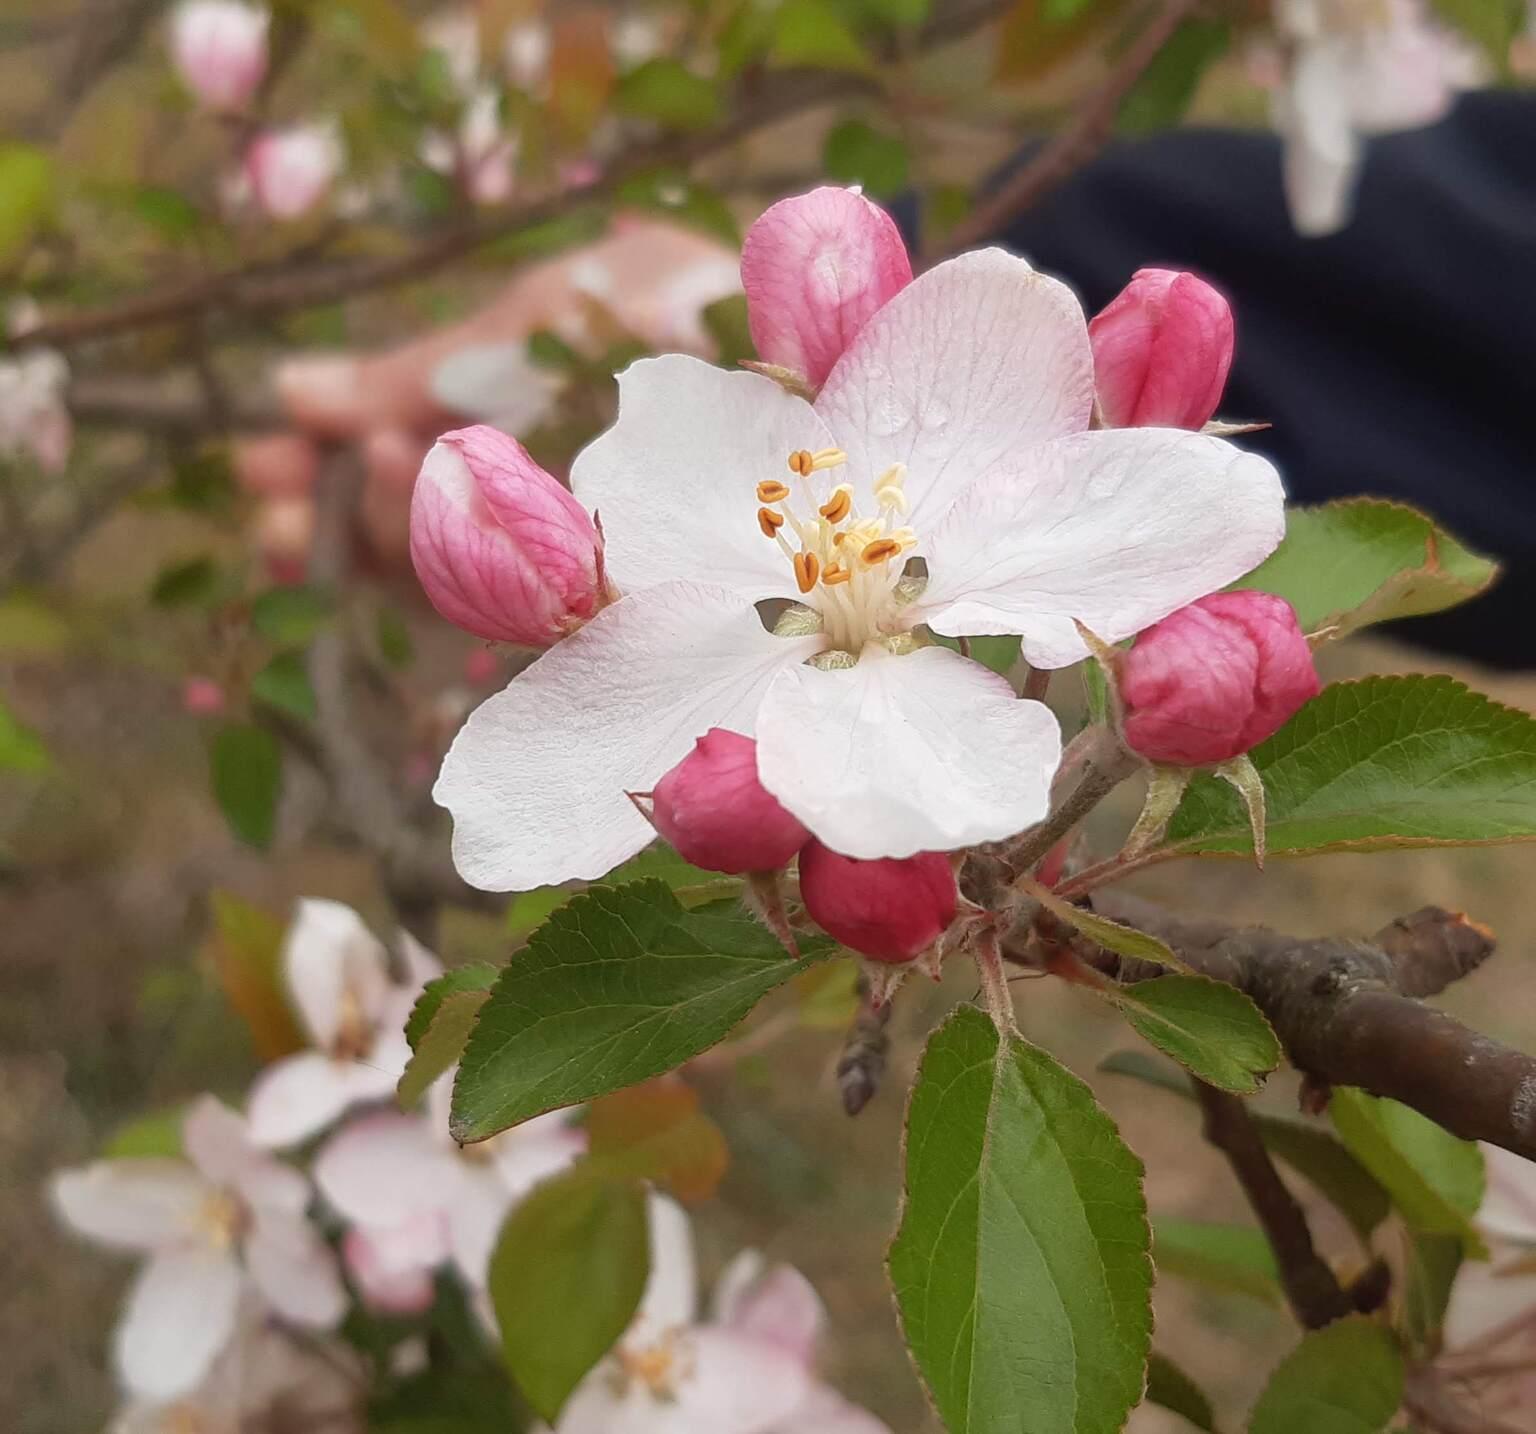 bloesem - op de hei tijdens de corona - foto door Krea10 op 13-04-2021 - locatie: Bussum, Nederland - deze foto bevat: bloem, fabriek, plantkunde, blad, bloemblaadje, afdeling, takje, roze, bloeiende plant, rose familie